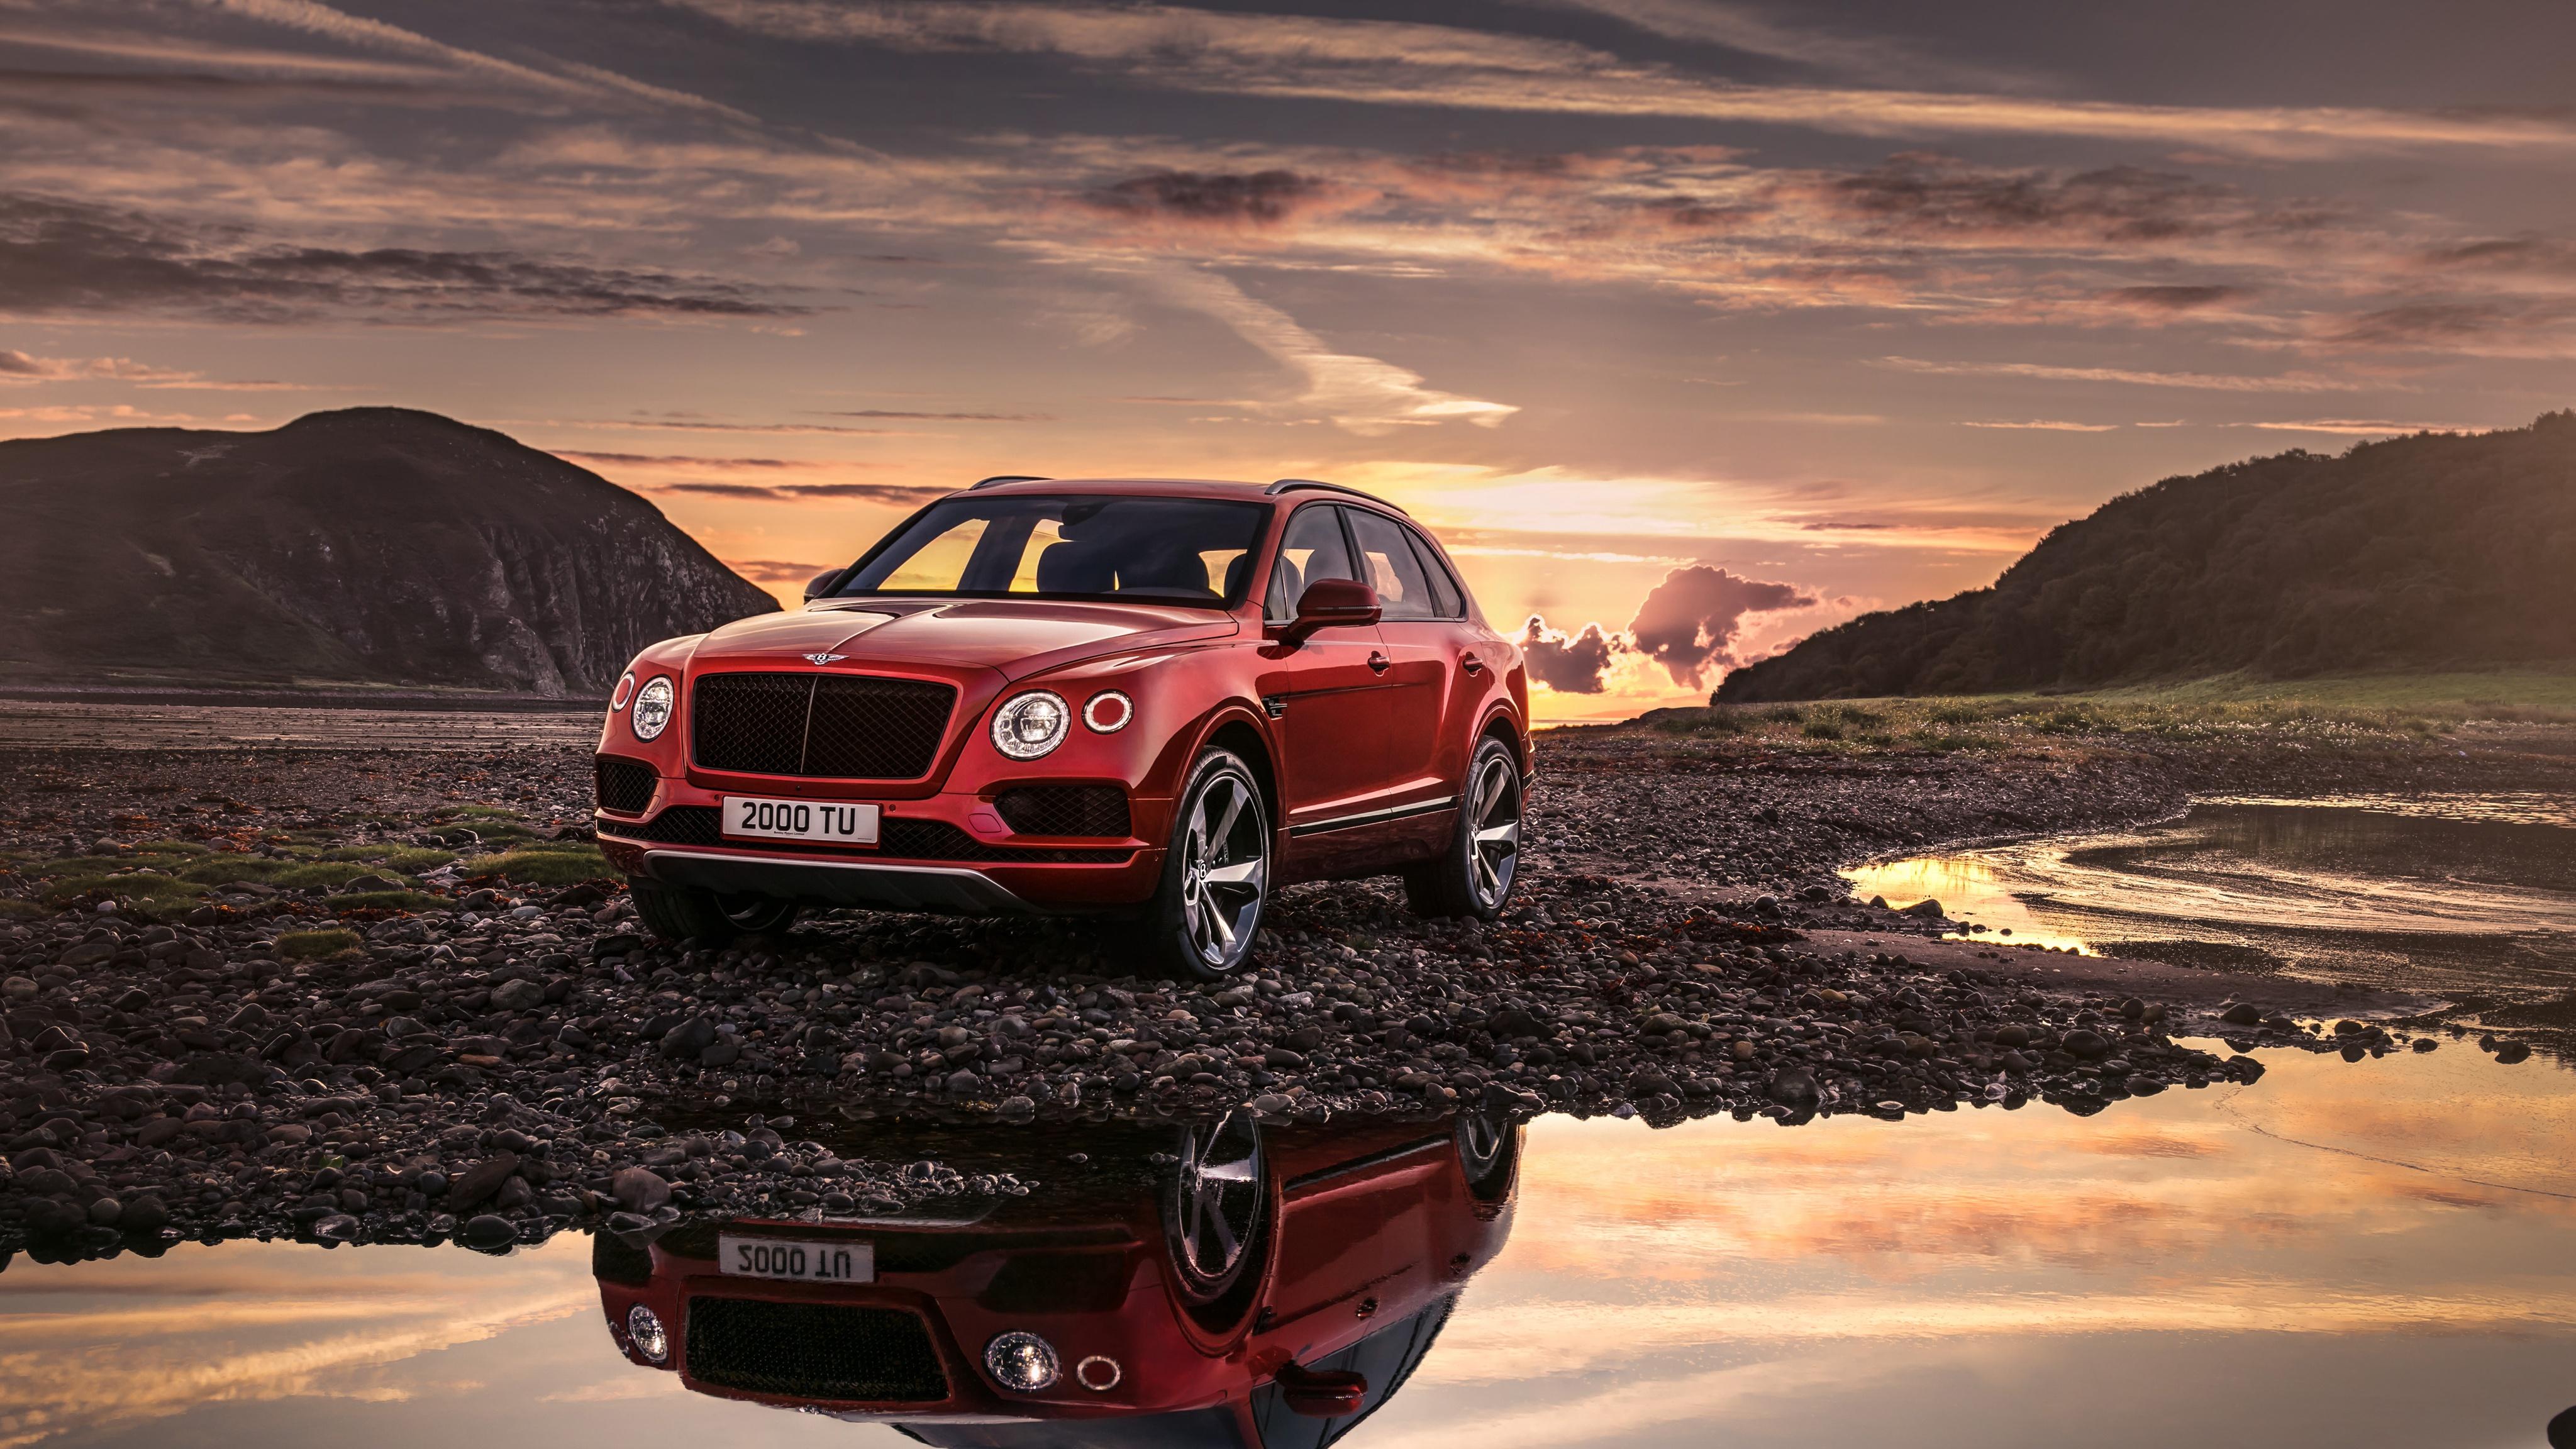 Фотография Bentley Bentayga 2018 красные Автомобили 4096x2304 Бентли красная Красный красных авто машины машина автомобиль